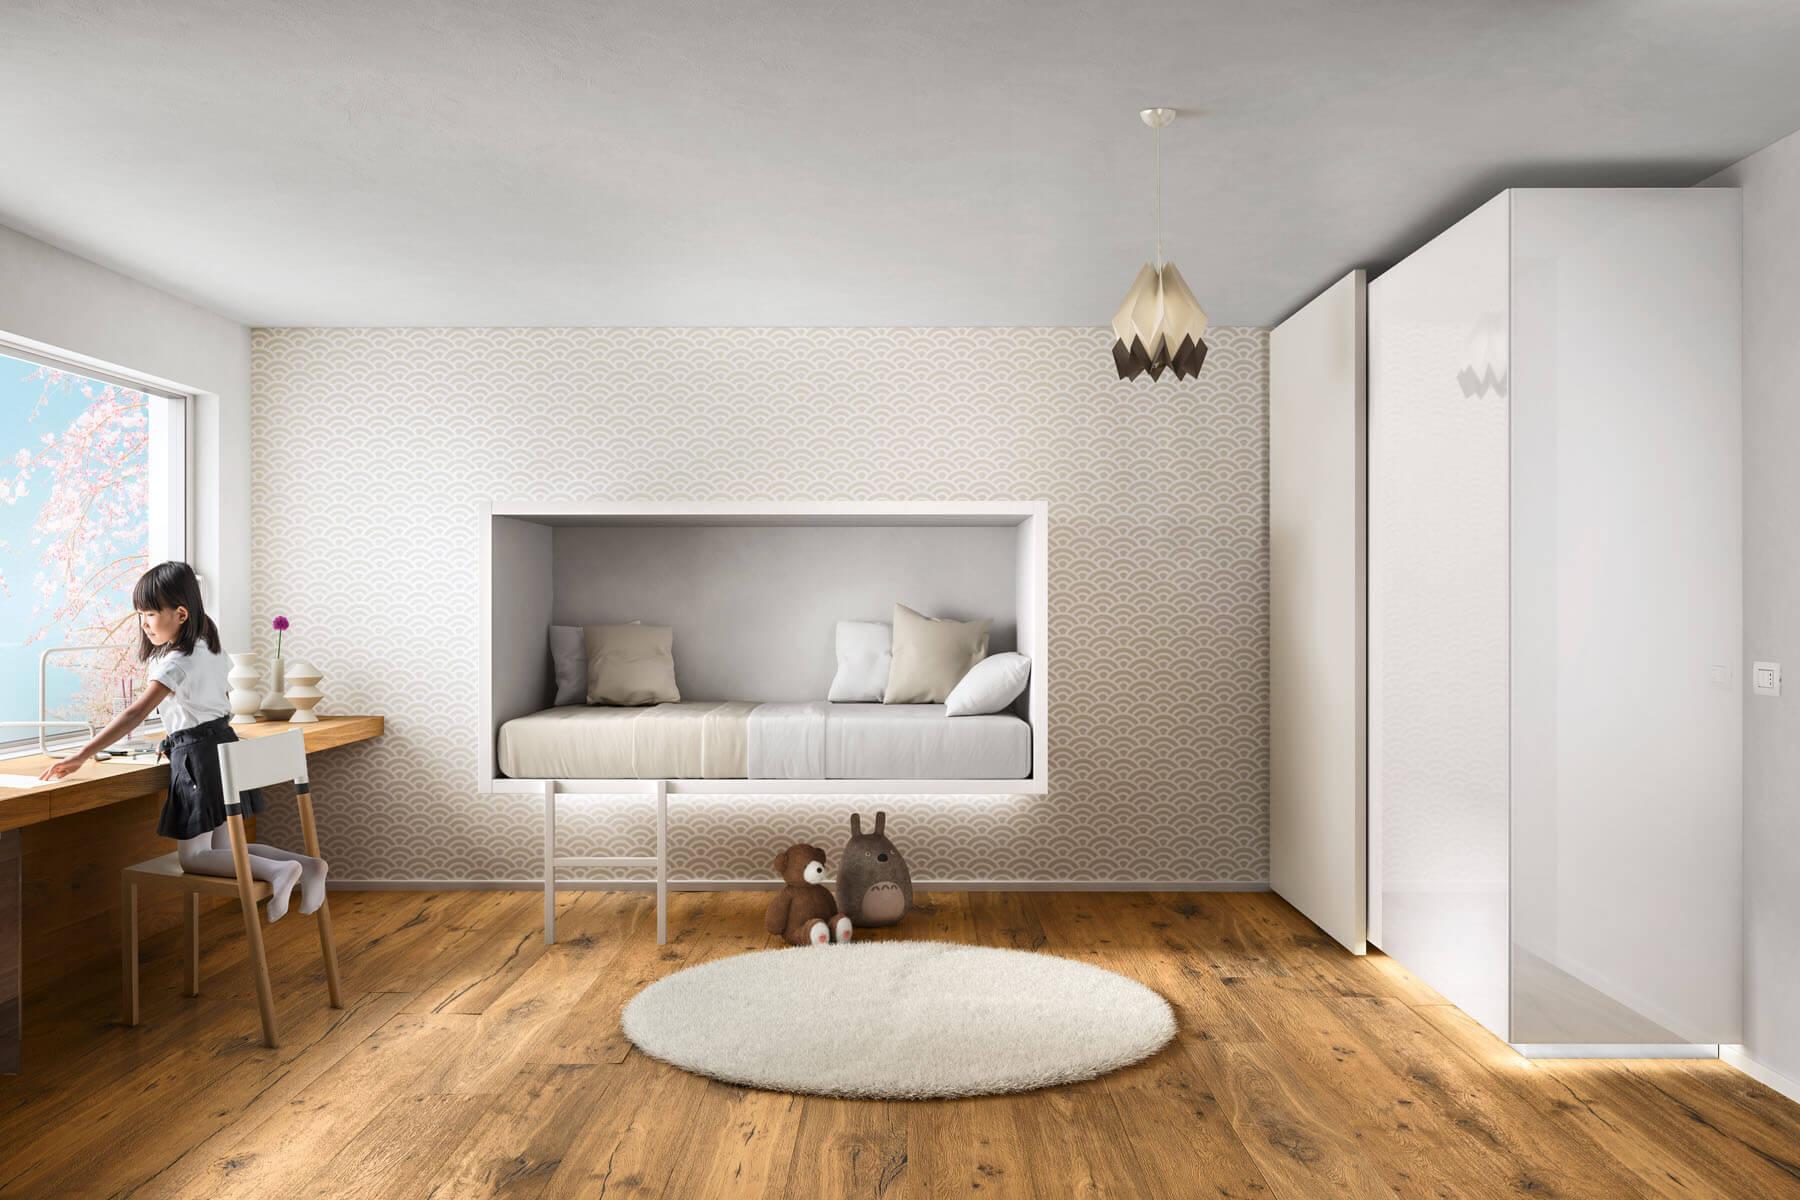 Letto Sospeso In Aria : Marini home design rivenditore a roma dei mobili lago marini